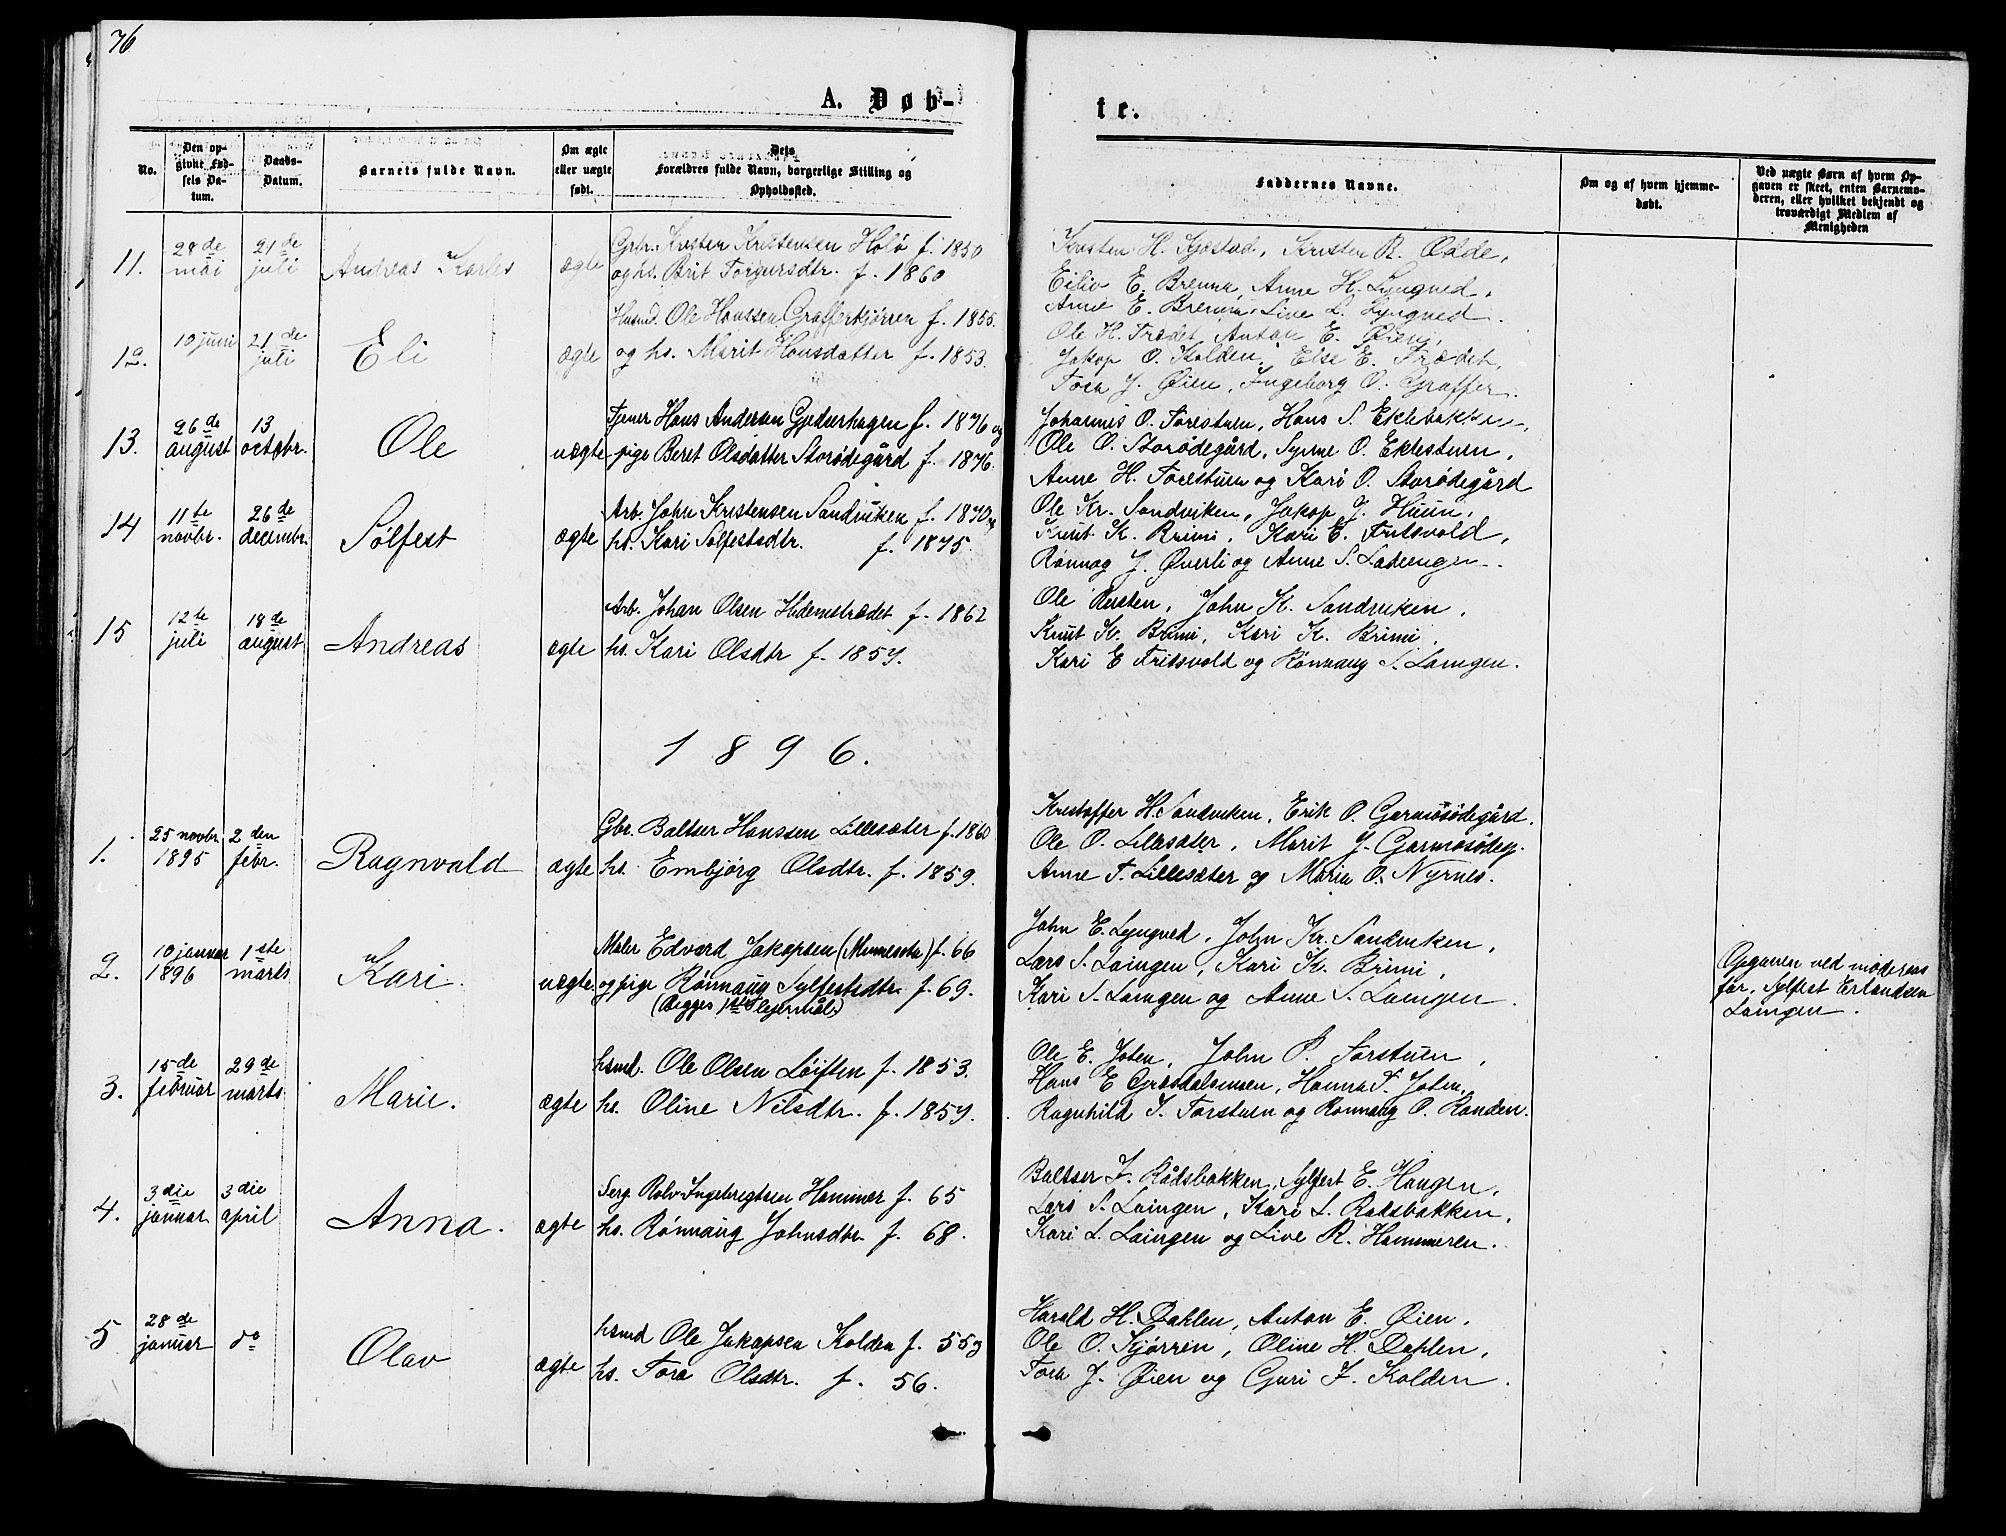 SAH, Lom prestekontor, L/L0005: Klokkerbok nr. 5, 1876-1901, s. 76-77